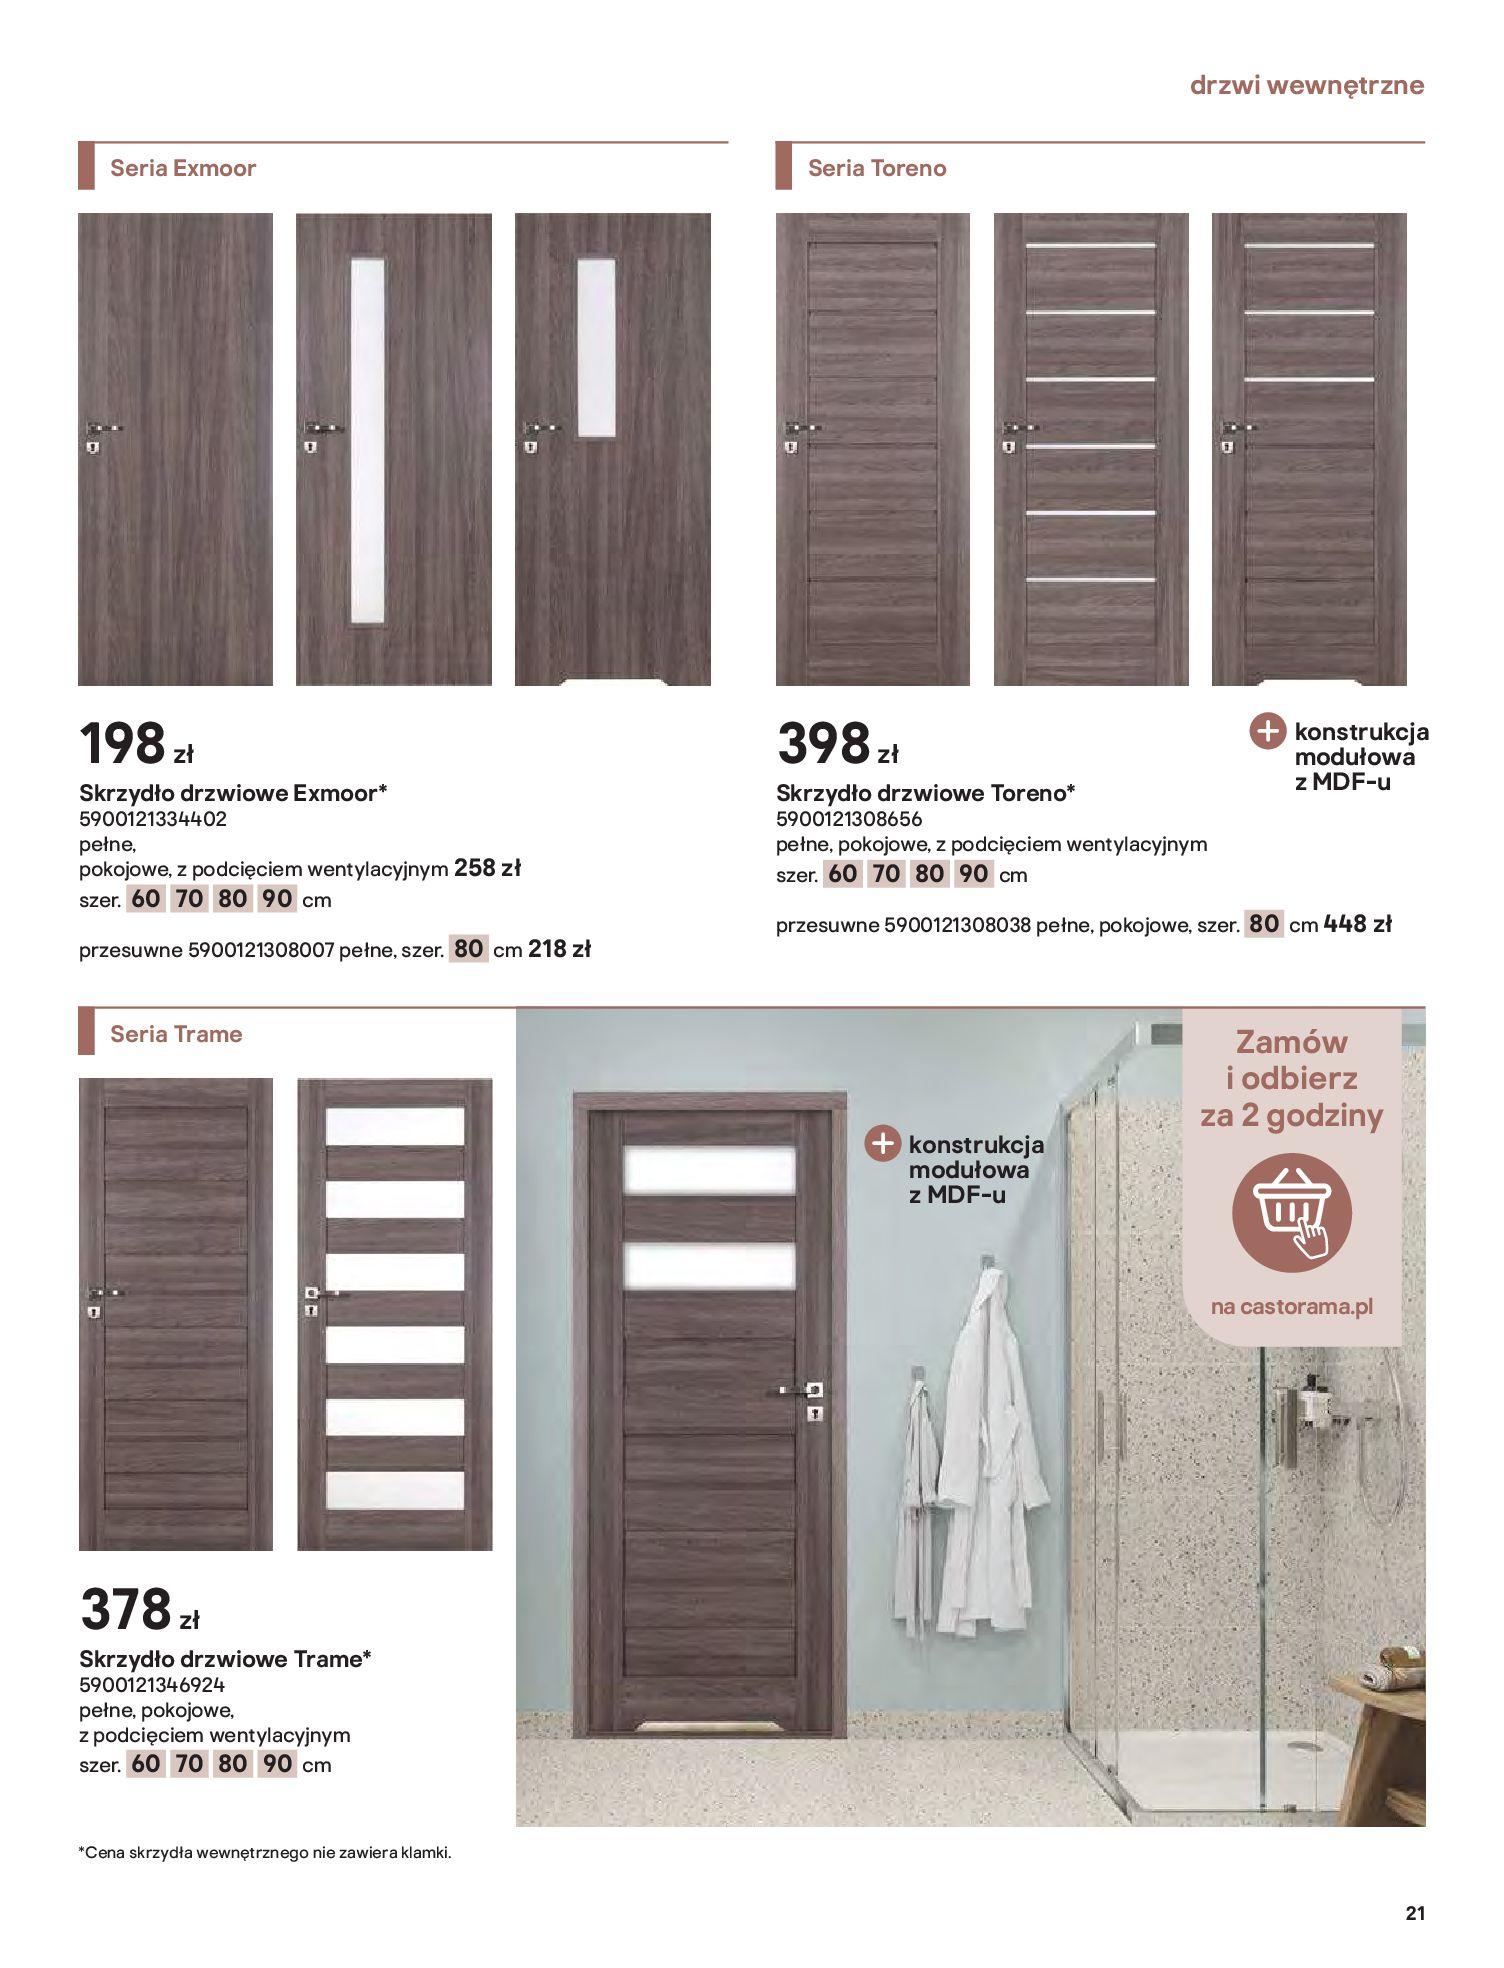 Gazetka Castorama: Gazetka Castorama - Przewodnik drzwi i podłogi 2021 2021-08-11 page-21